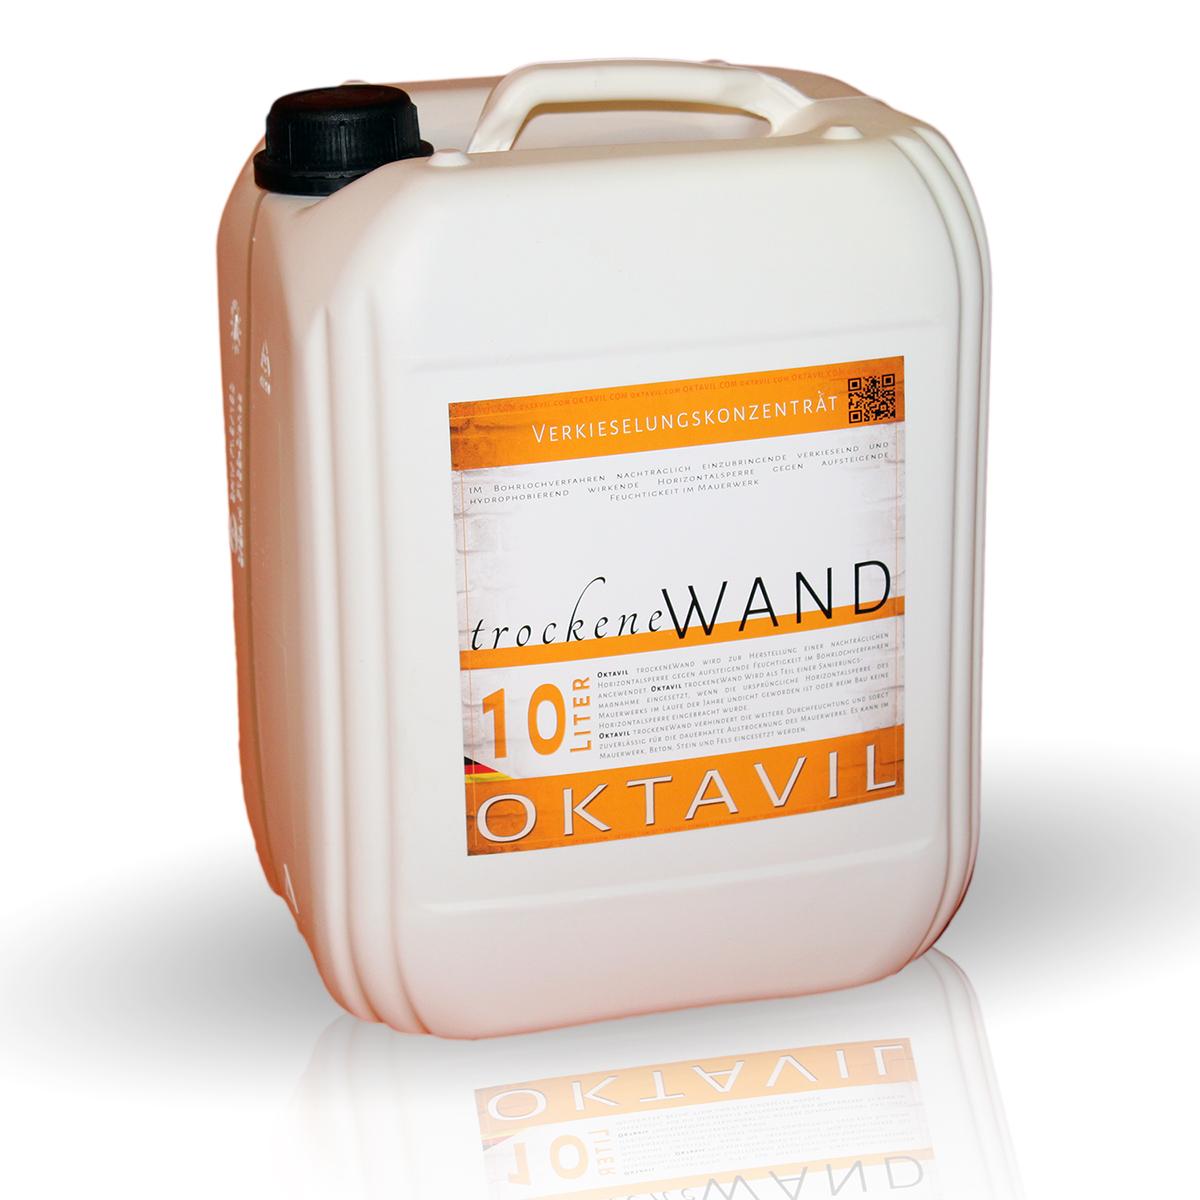 Beliebt OKTAVIL Trockene Wand 40 Liter + 48 Oktavil Injektionstrichter FQ57